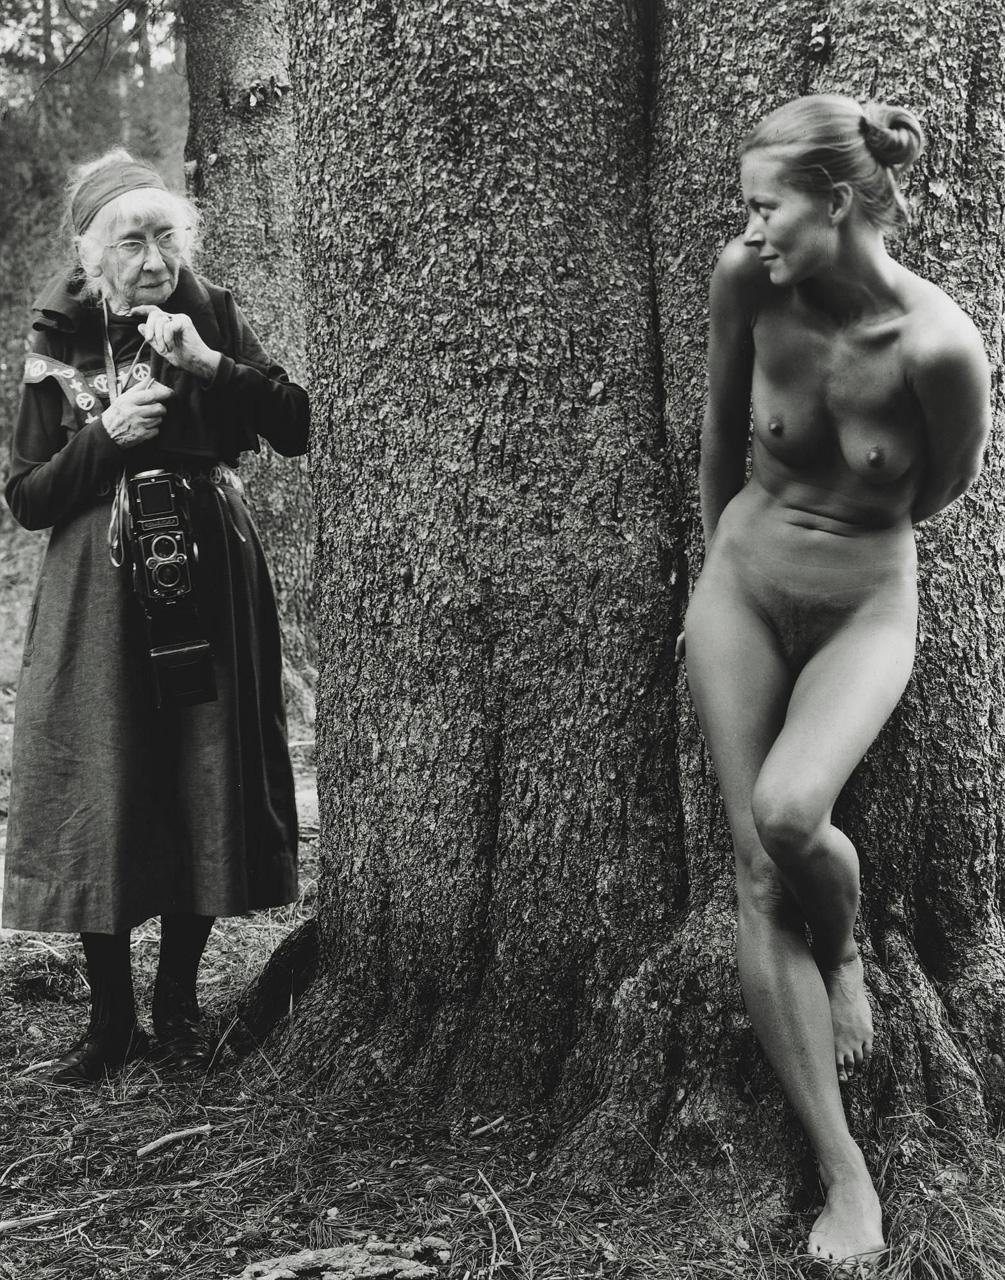 Judy Dater - Imogen & Twinka 1974